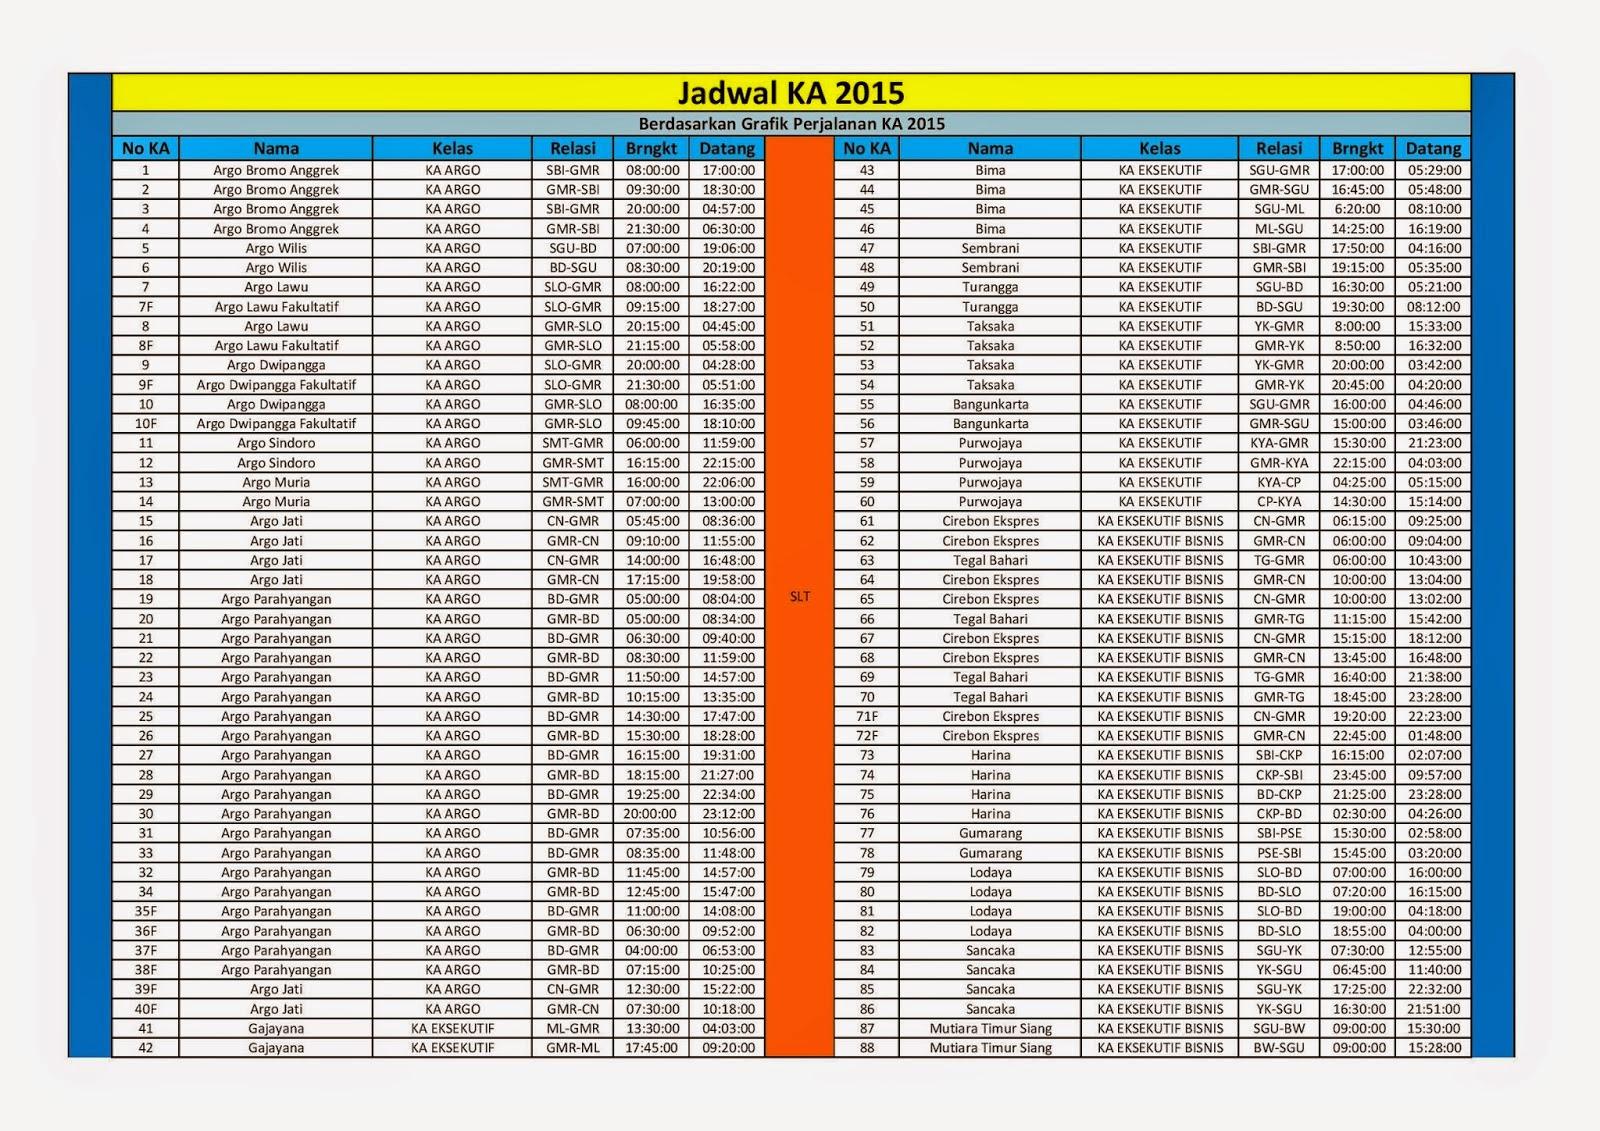 Tiket Kereta Semarang Jakarta 2017 Age